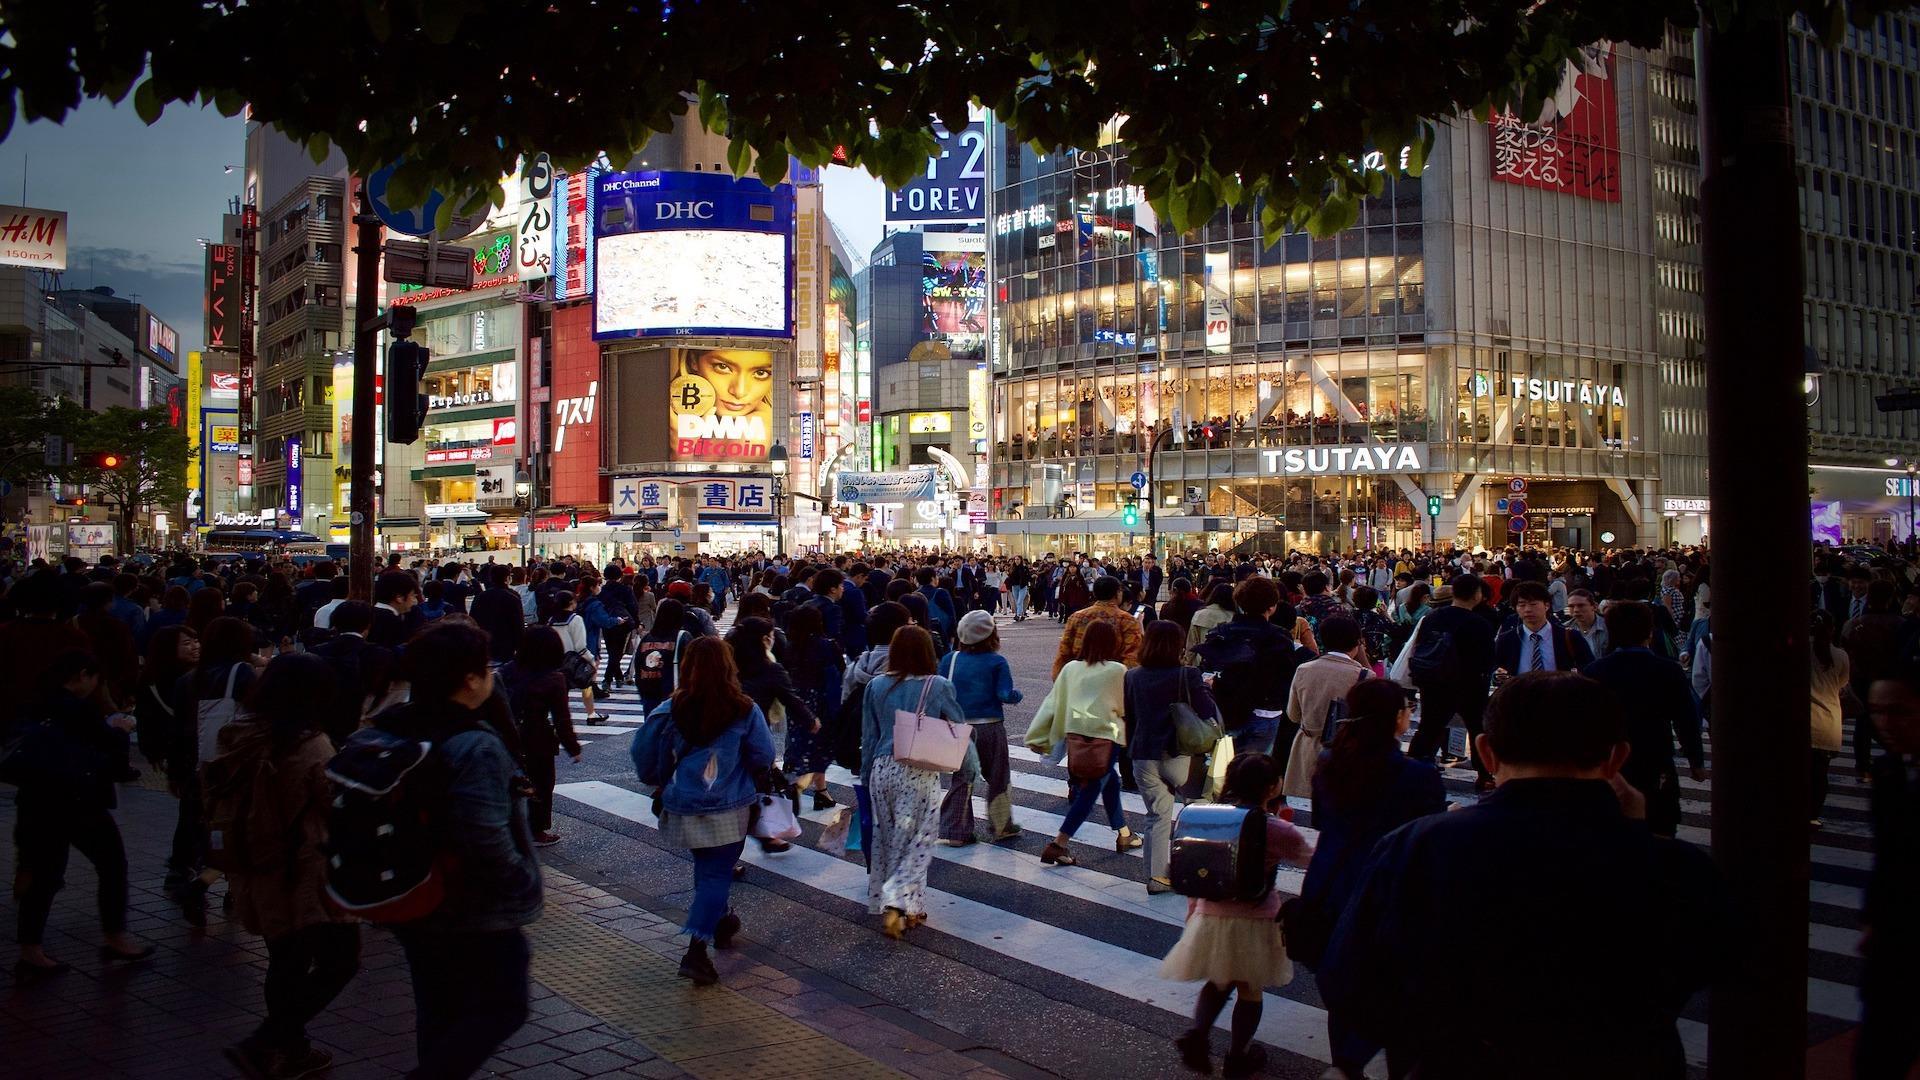 Laut Definition eine der Megacities: Tokio in Japan.